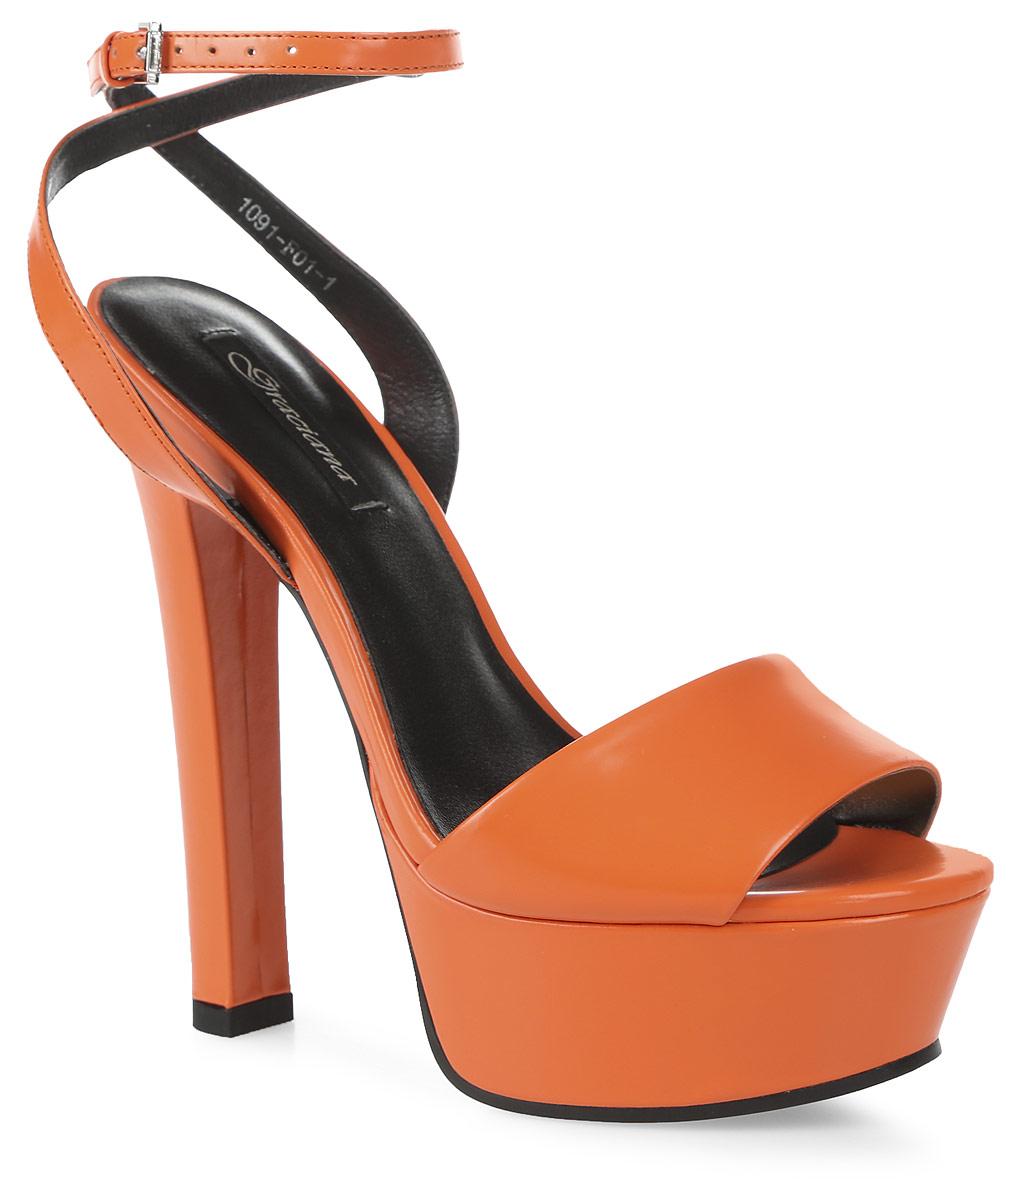 Босоножки женские Graciana, цвет: оранжевый. 1091-F01-1. Размер 361091-F01-1Женские босоножки от Graciana на высоком устойчивом каблуке выполнены из натуральной кожи. Модель фиксируется на ноге при помощи ремешка на пряжке. Подкладка, изготовленная из натуральной кожи, обладает хорошей влаговпитываемостью и естественной воздухопроницаемостью. Стелька из натуральной кожи гарантирует комфорт и удобство стопам. Подошва из резины обеспечивает хорошую амортизацию и сцепление с любой поверхностью.